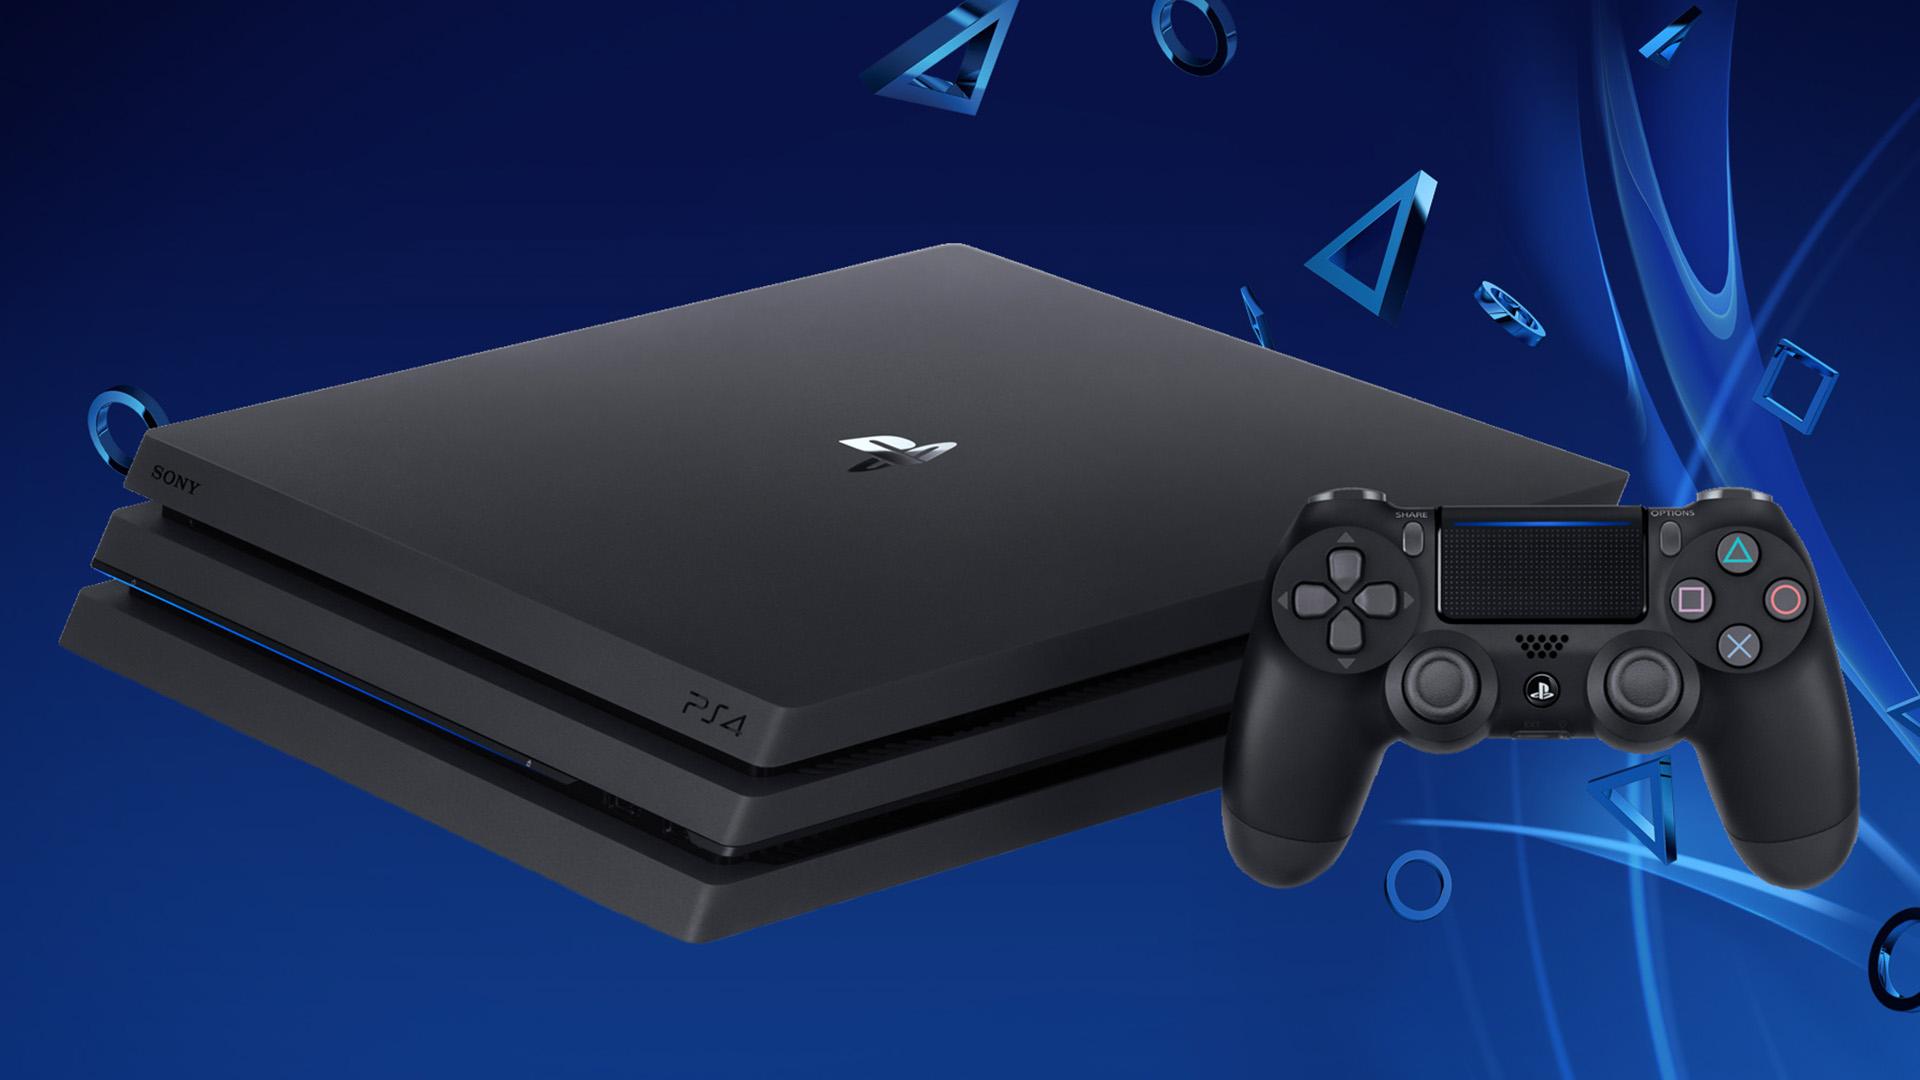 PlayStation 4 si avvicina alla fine del suo ciclo vitale, afferma Sony thumbnail